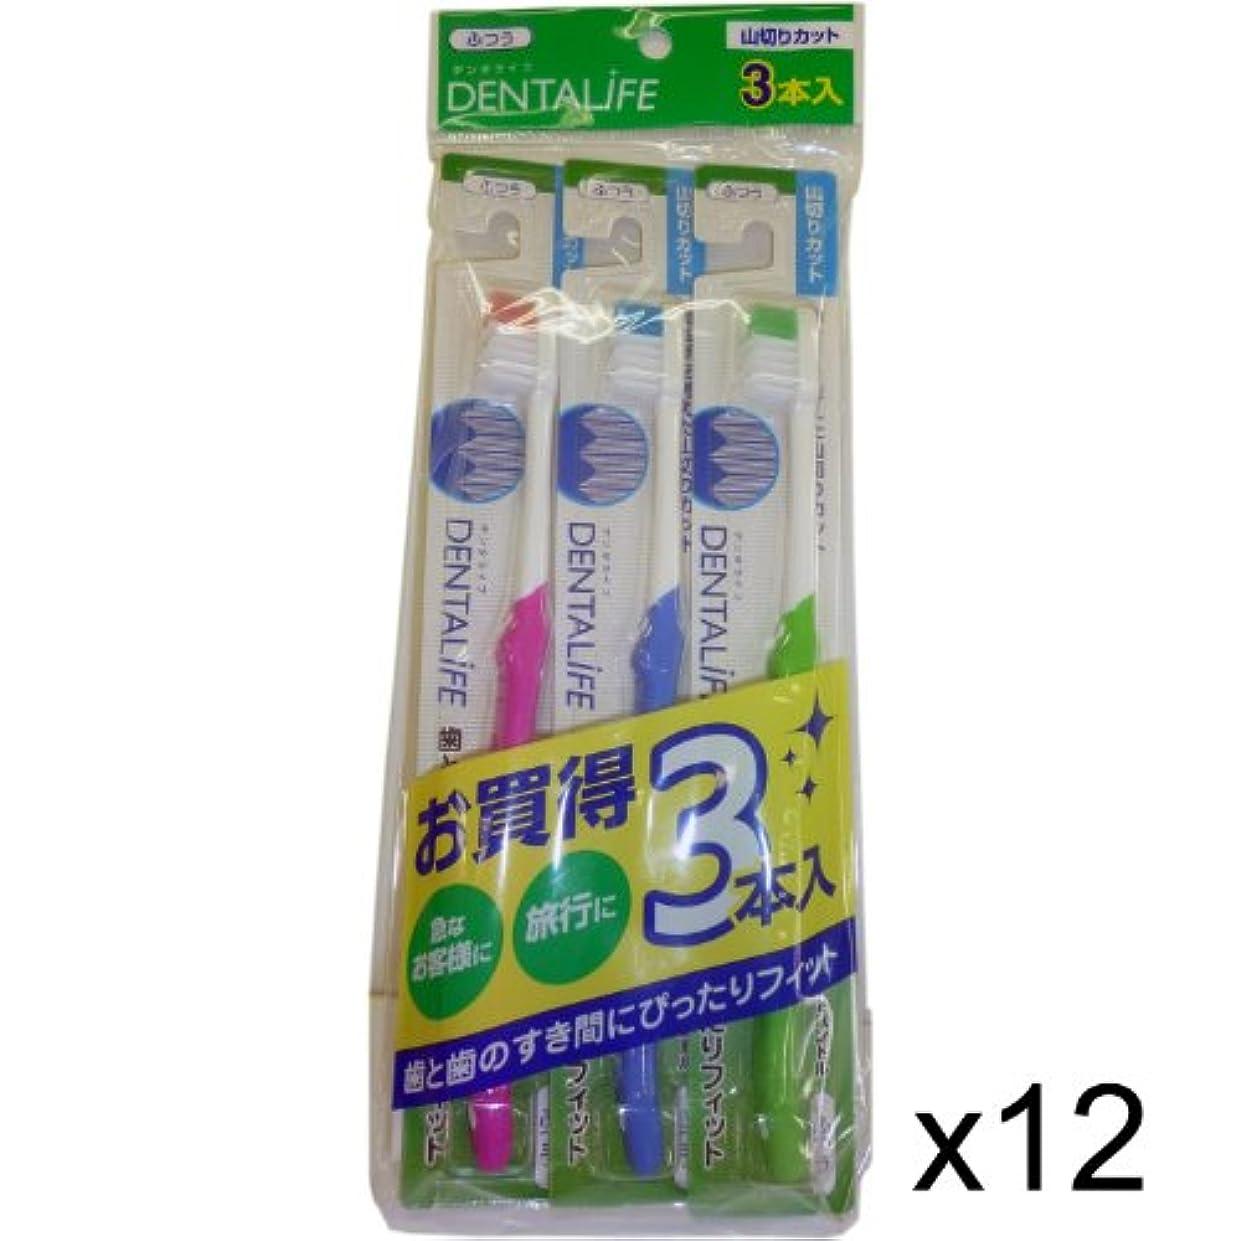 出します摂氏度急速なお徳用 DELTALIFE(デンタライフ)山切り歯ブラシ ふつう 3P×12ヶセット(36本)